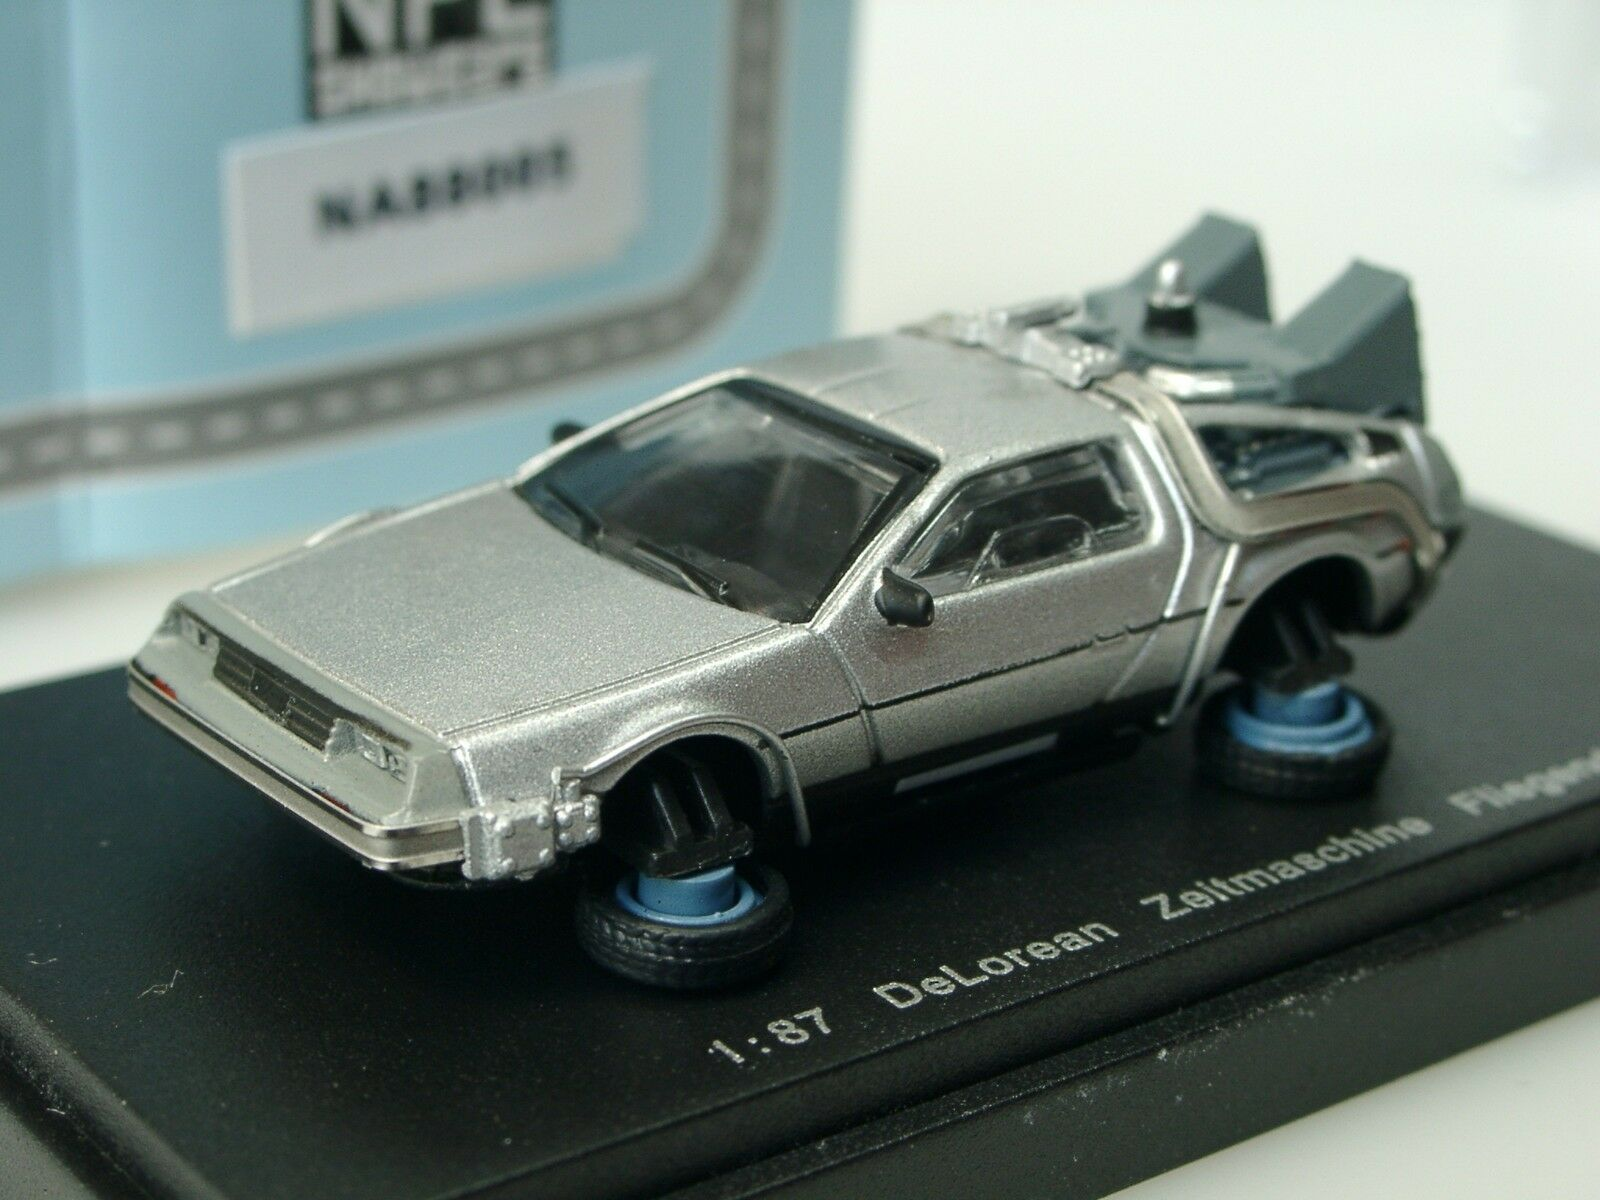 Descarga DeLorean máquina del tiempo    de vuelta en el futuro , volador - 88005 - 1 87 ed245c